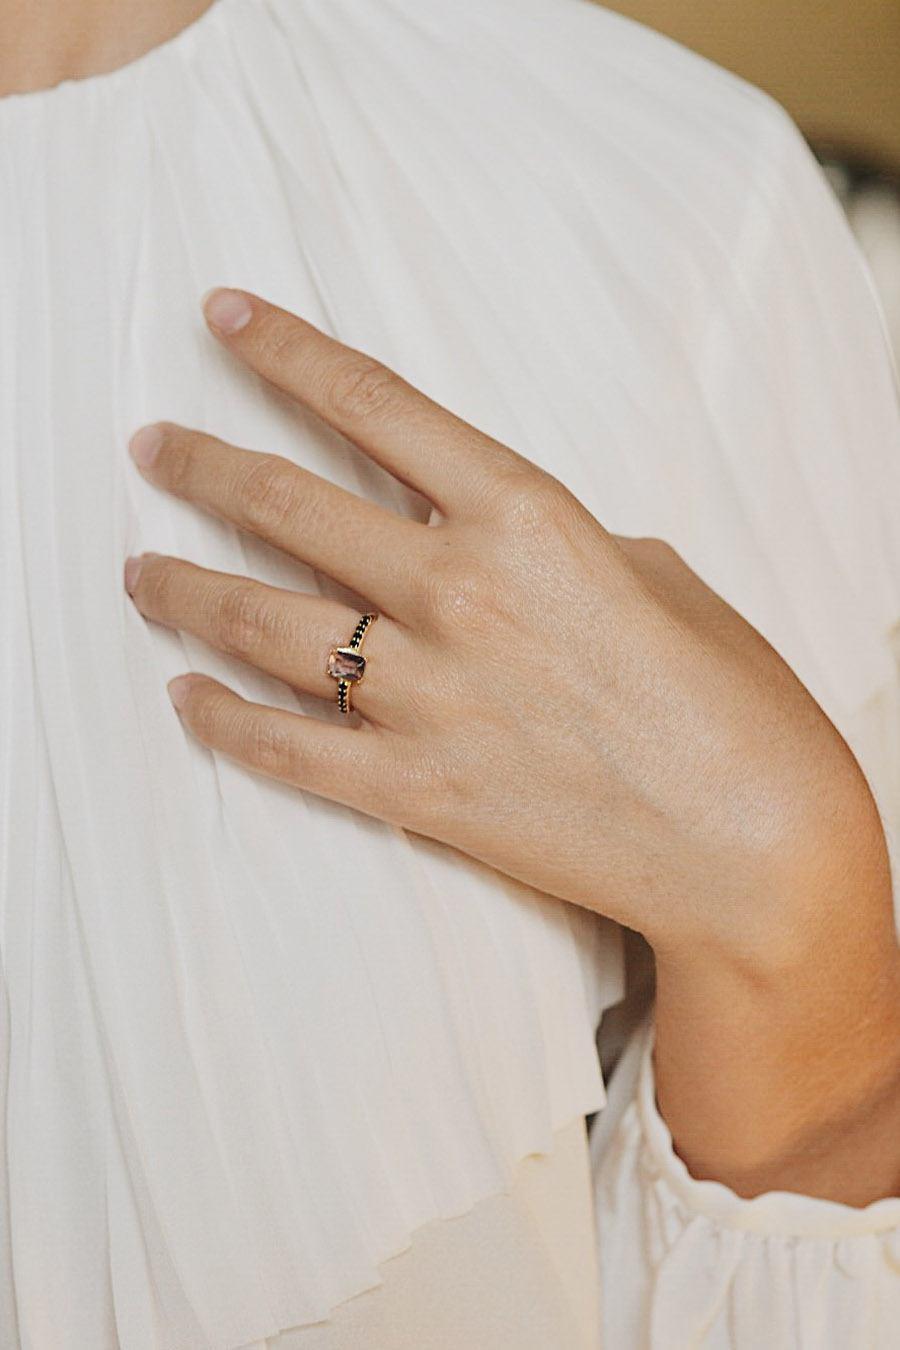 NUEVA COLECCIÓN DE JOYERÍA NUPCIAL OUI PETIT BY WEDDINGS WITH LOVE joya-boda-oui-petit